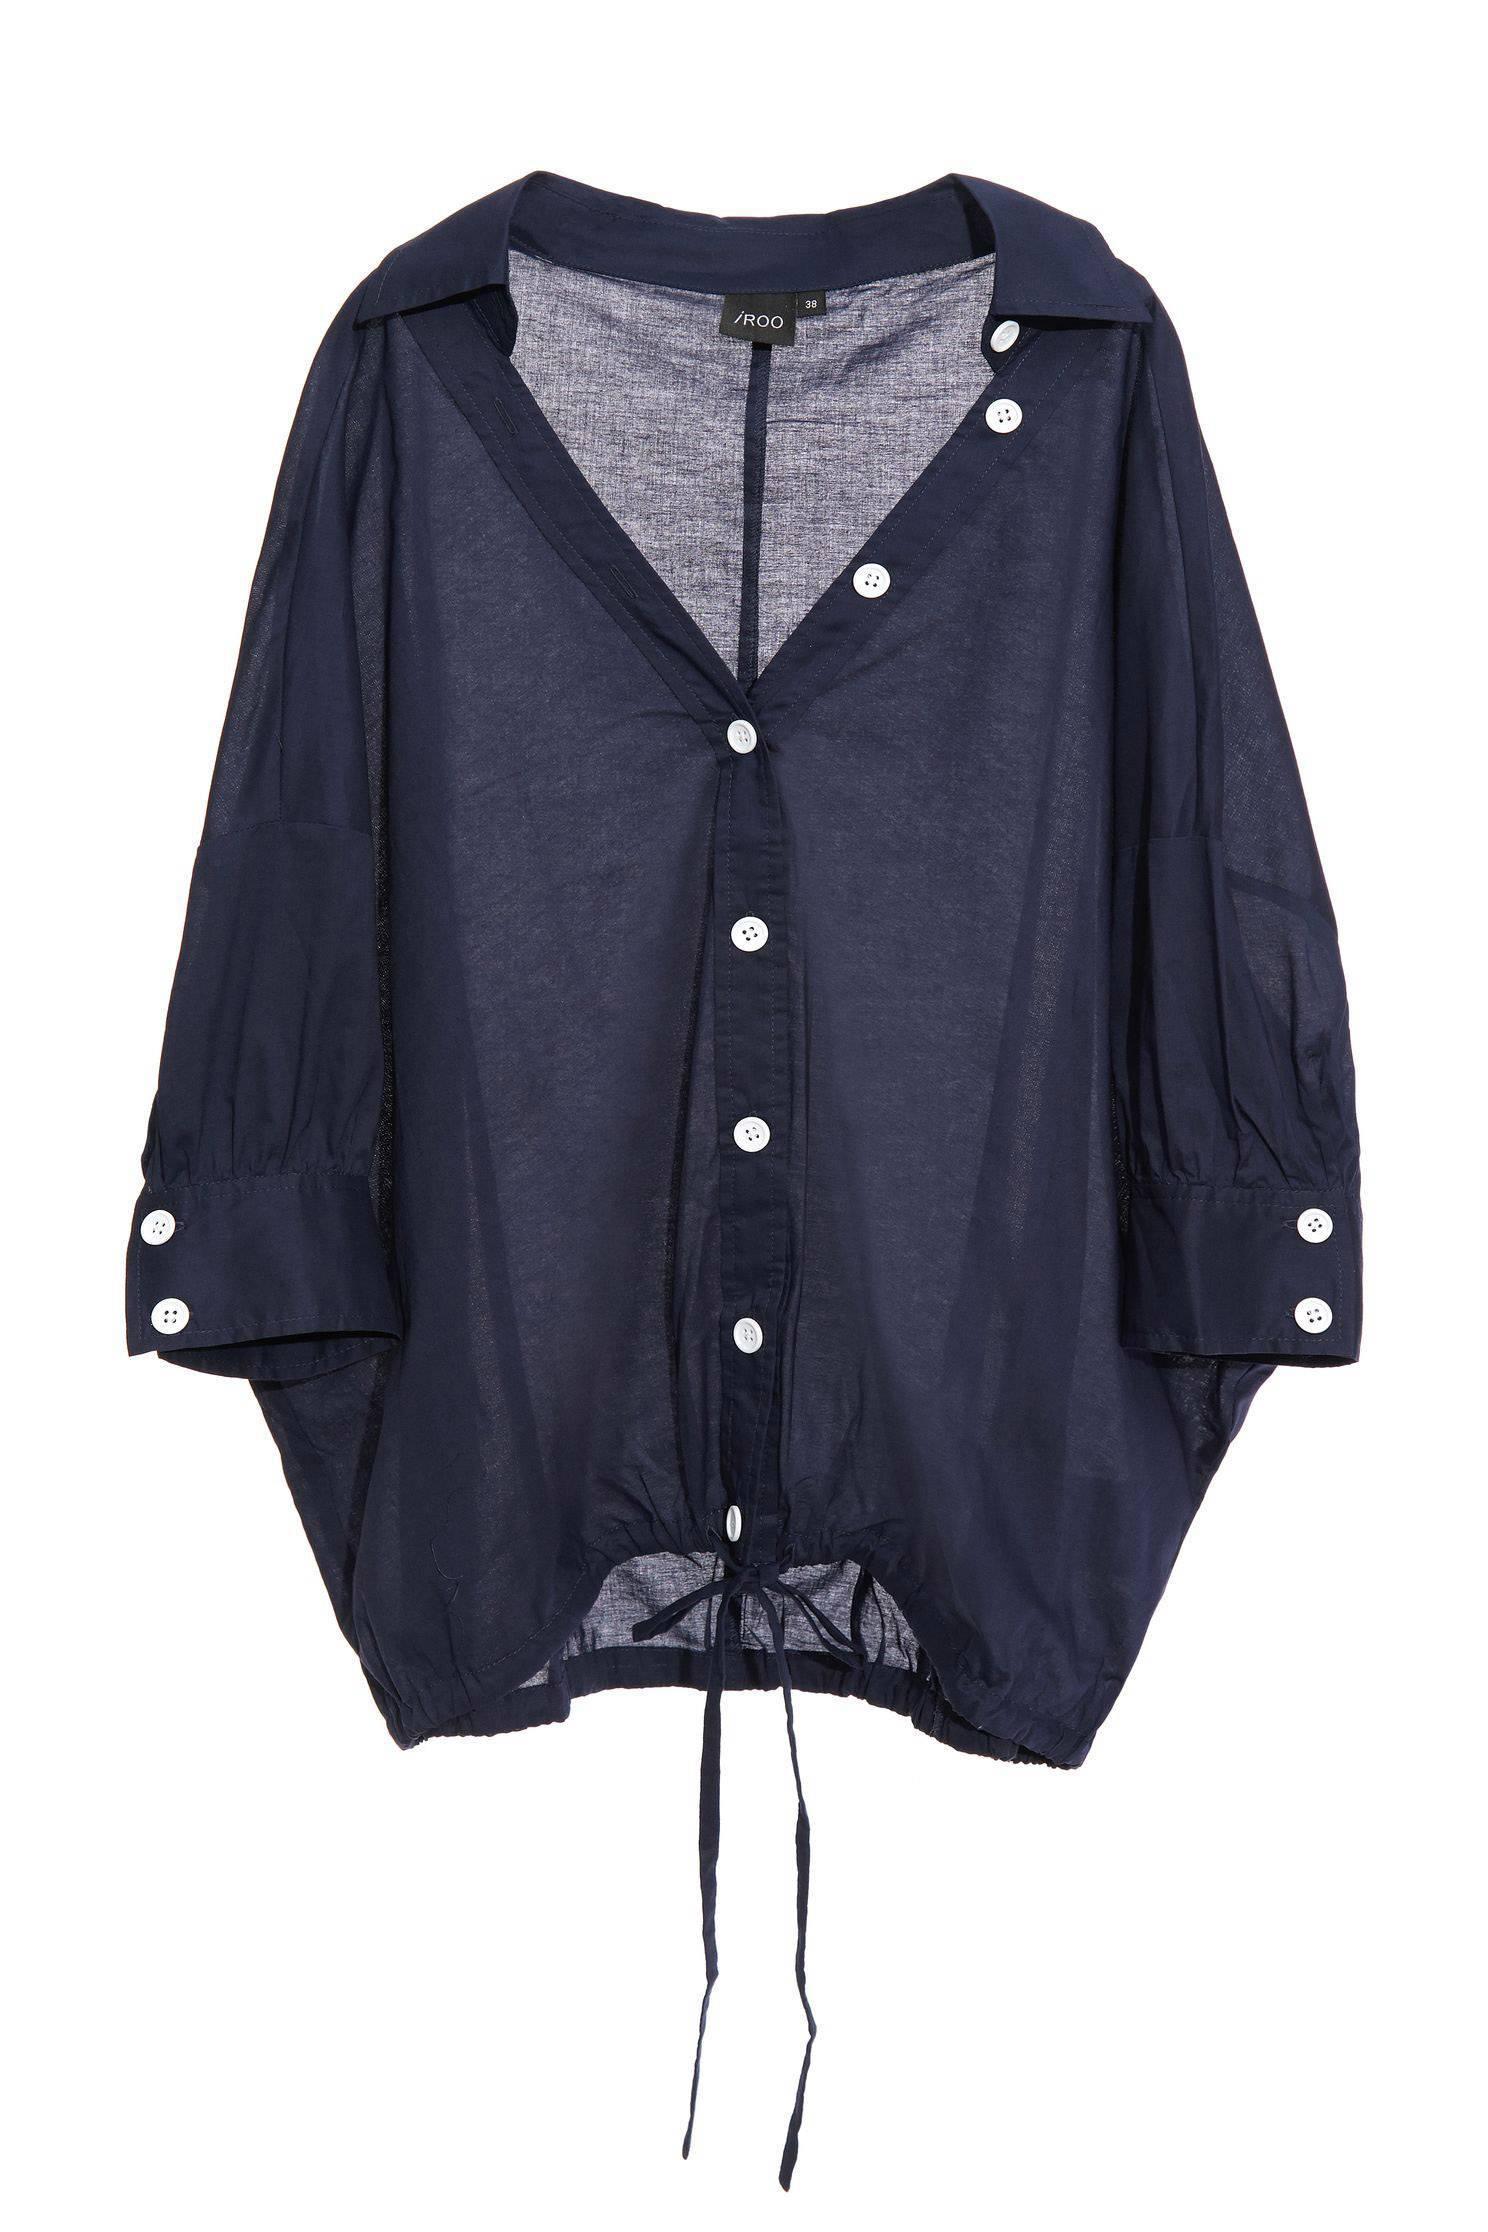 Straightforward short front long shirt top